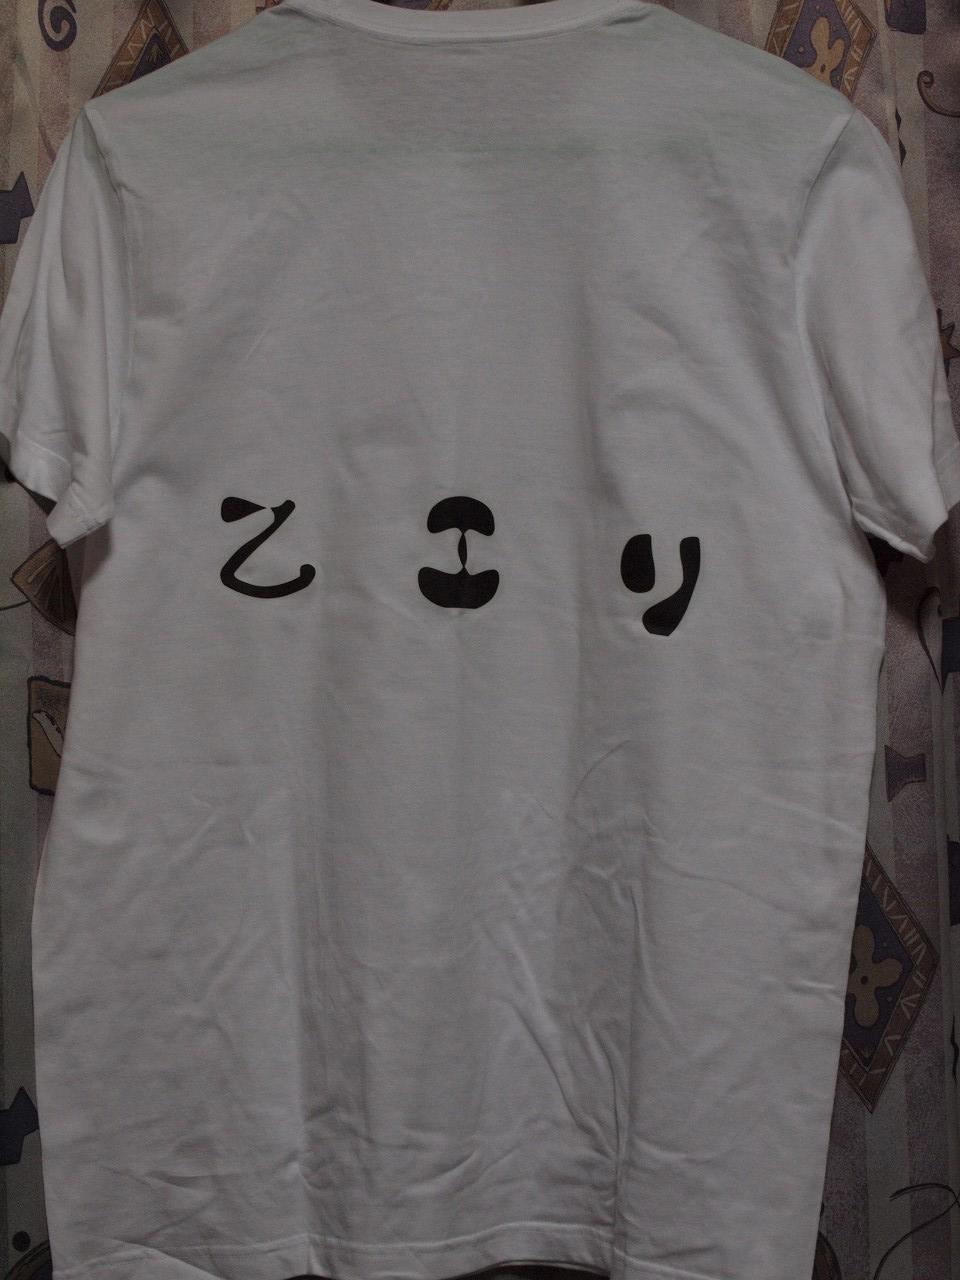 キタエリペロペロTシャツ 自作 背面